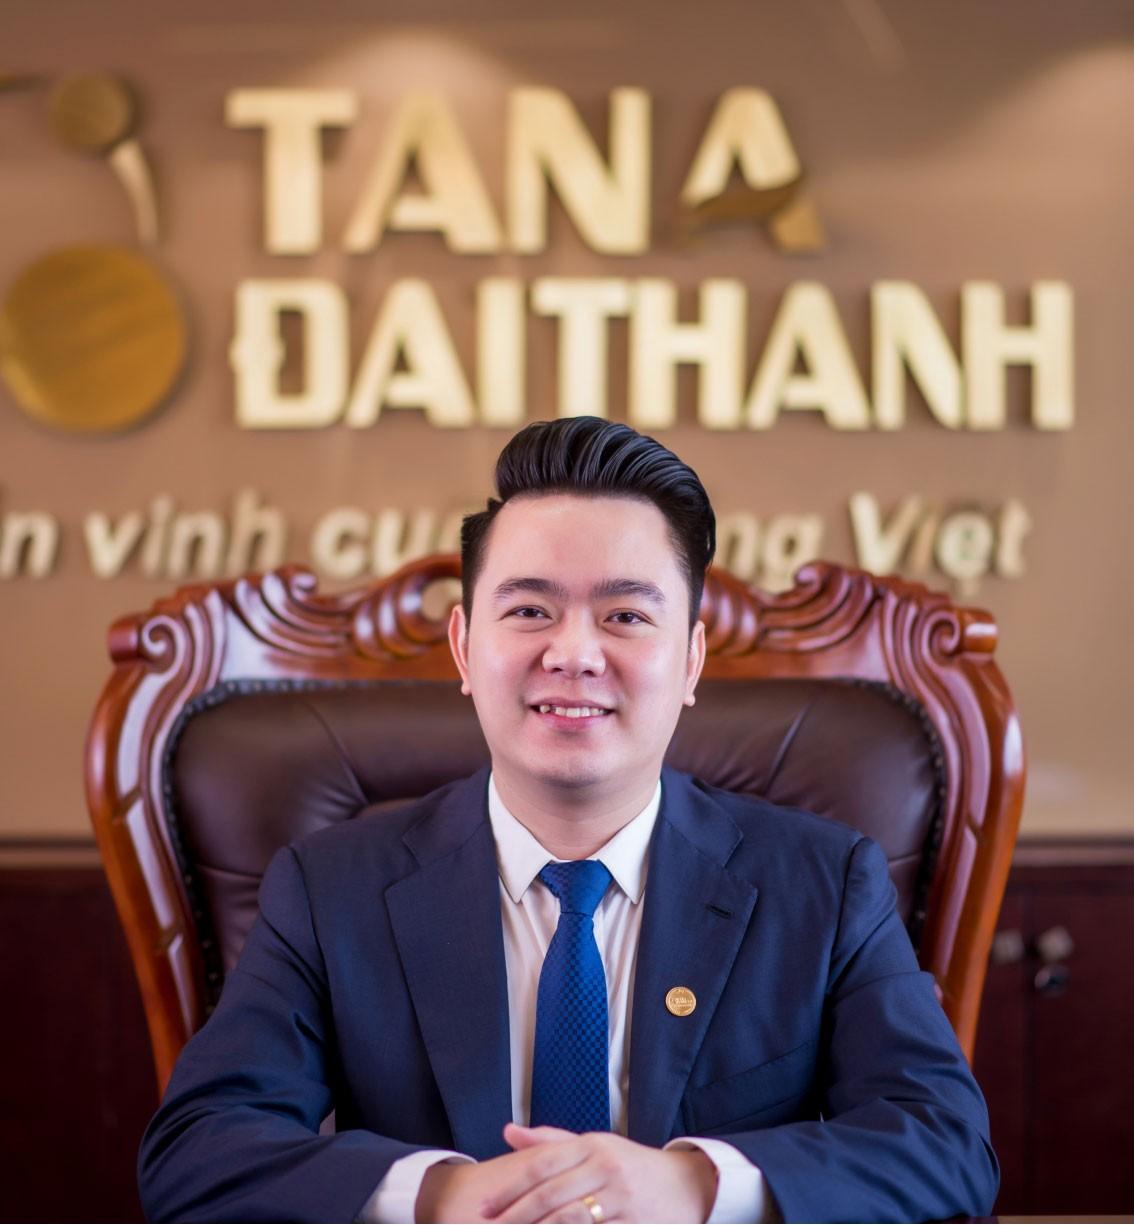 tan-a-dai-thanh1-1633881015.jpg